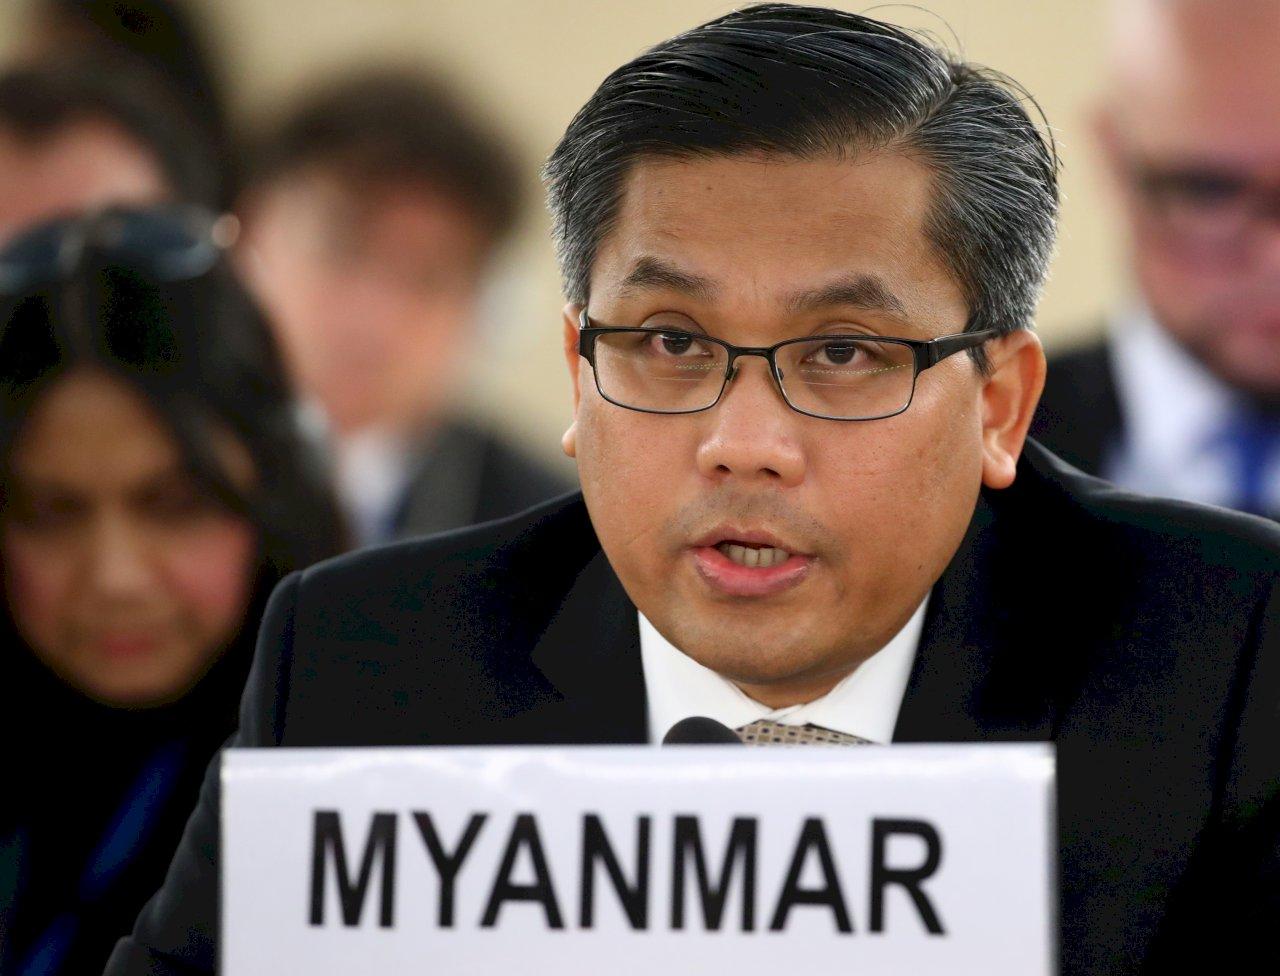 為平民請命 緬甸大使籲聯合國採取有效集體措施